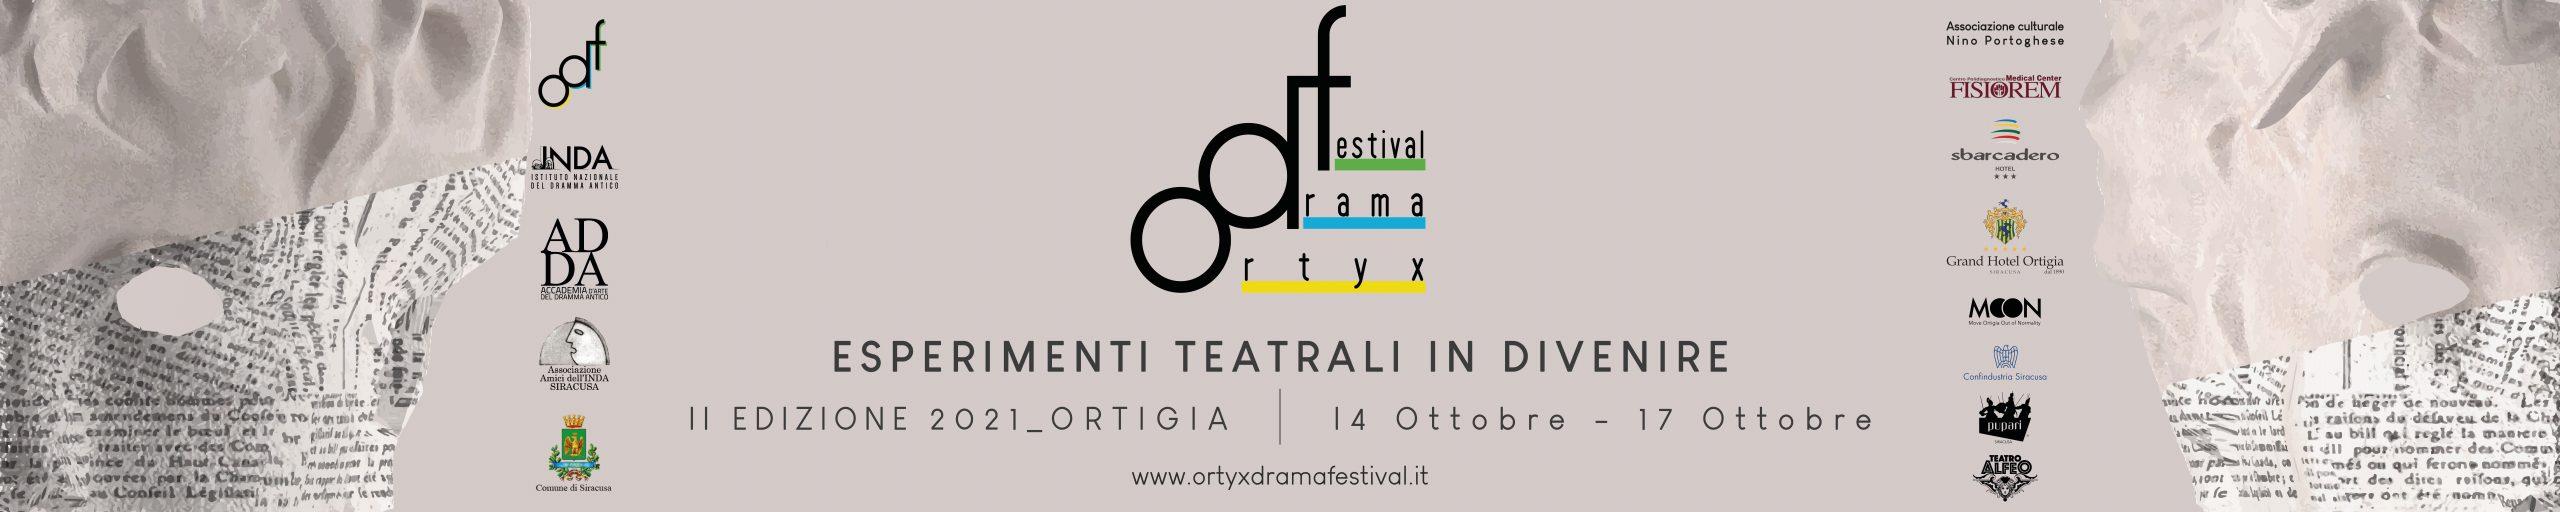 Ortyx Drama Festival dal 14 al 17 ottobre nel centro storico di Ortigia